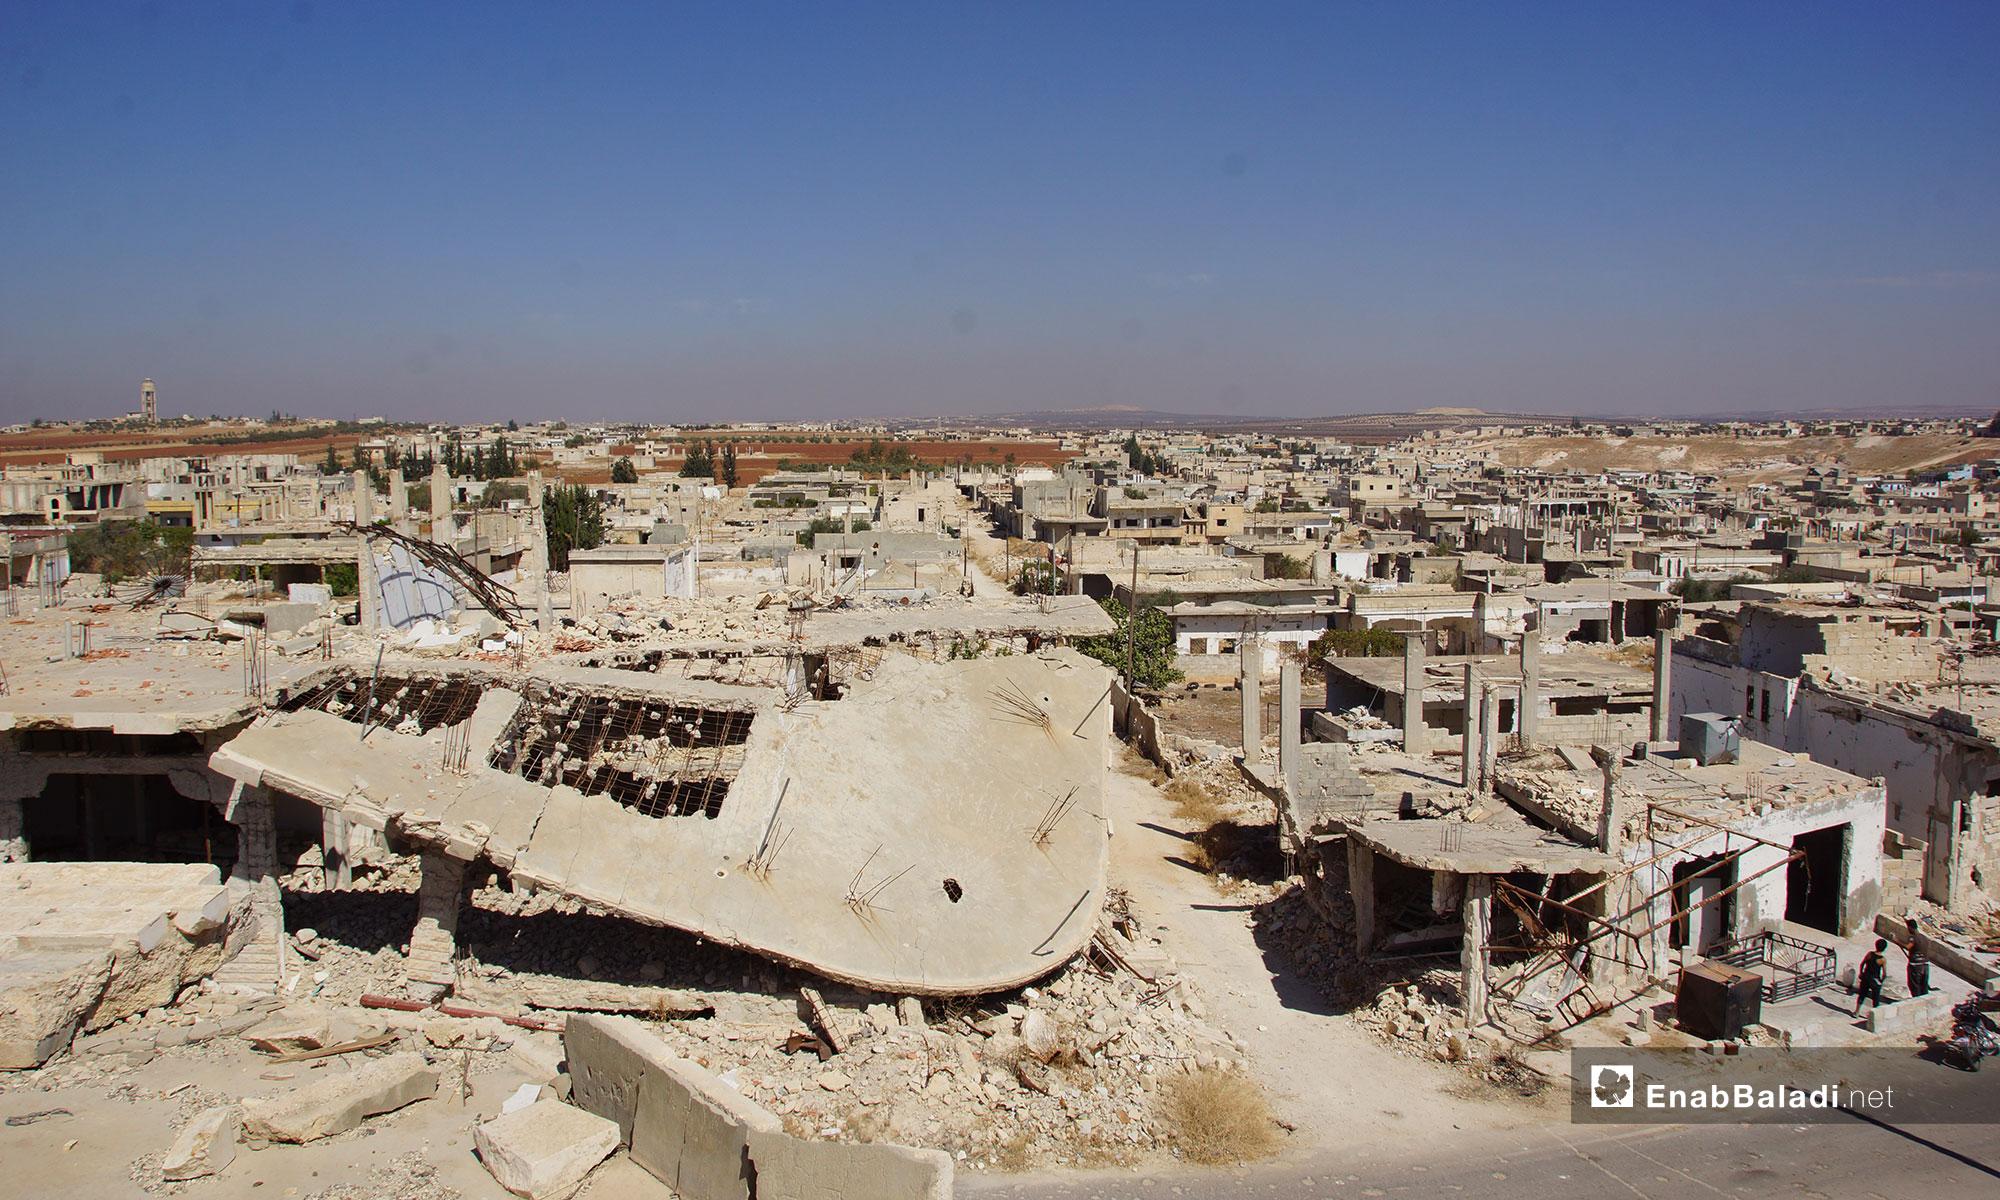 مدينة اللطامنة بعد عودة الأهالي إليها في ريف حماة الشمالي - 25 من أيلول 2018 (عنب بلدي)